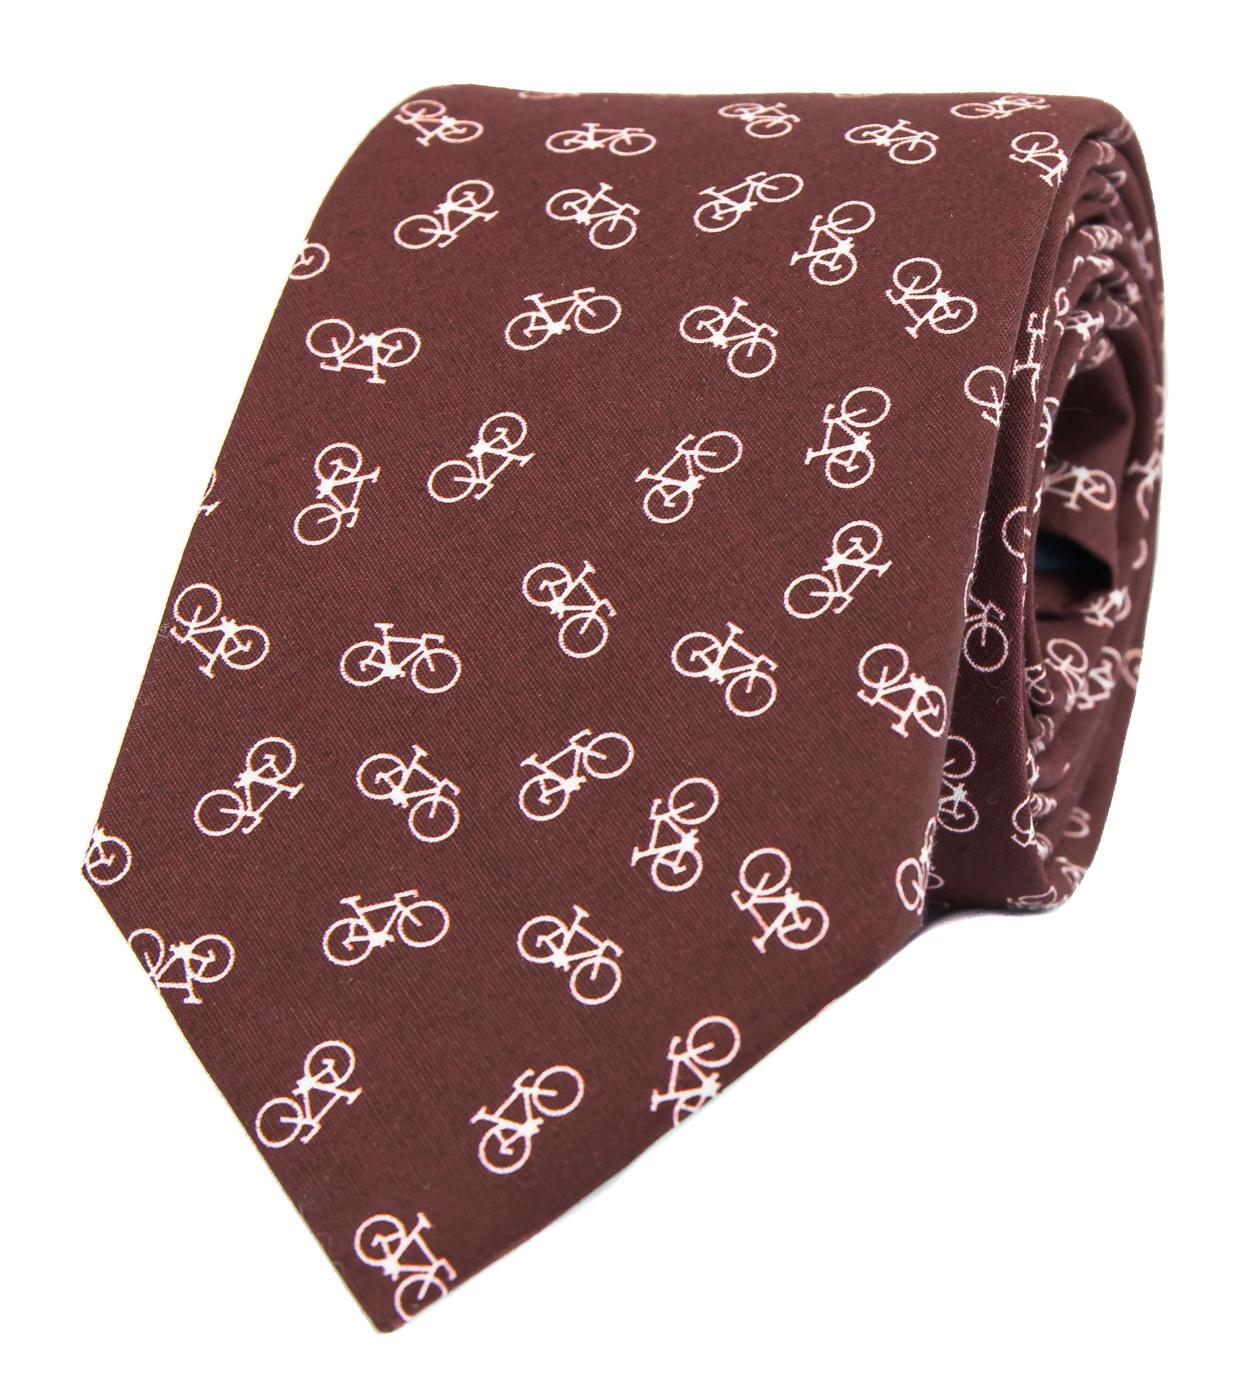 Vínová kravata s koly - Obrázek č. 1